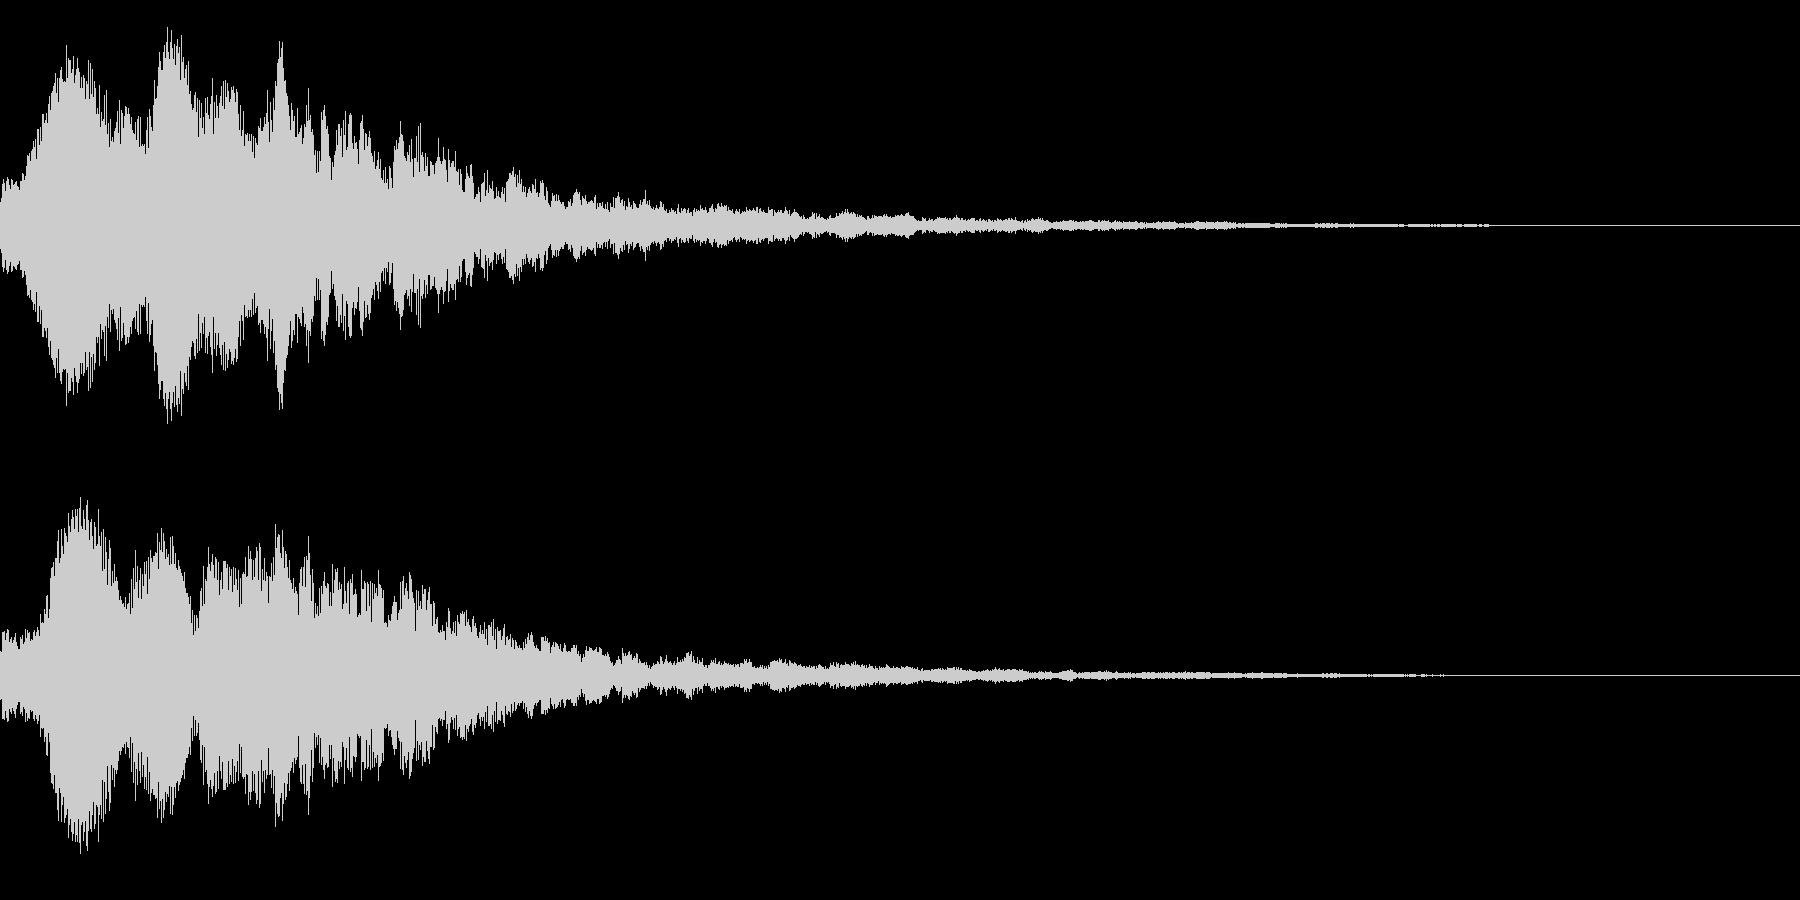 明るいテロップ音 ボタン音 魔法!6bの未再生の波形